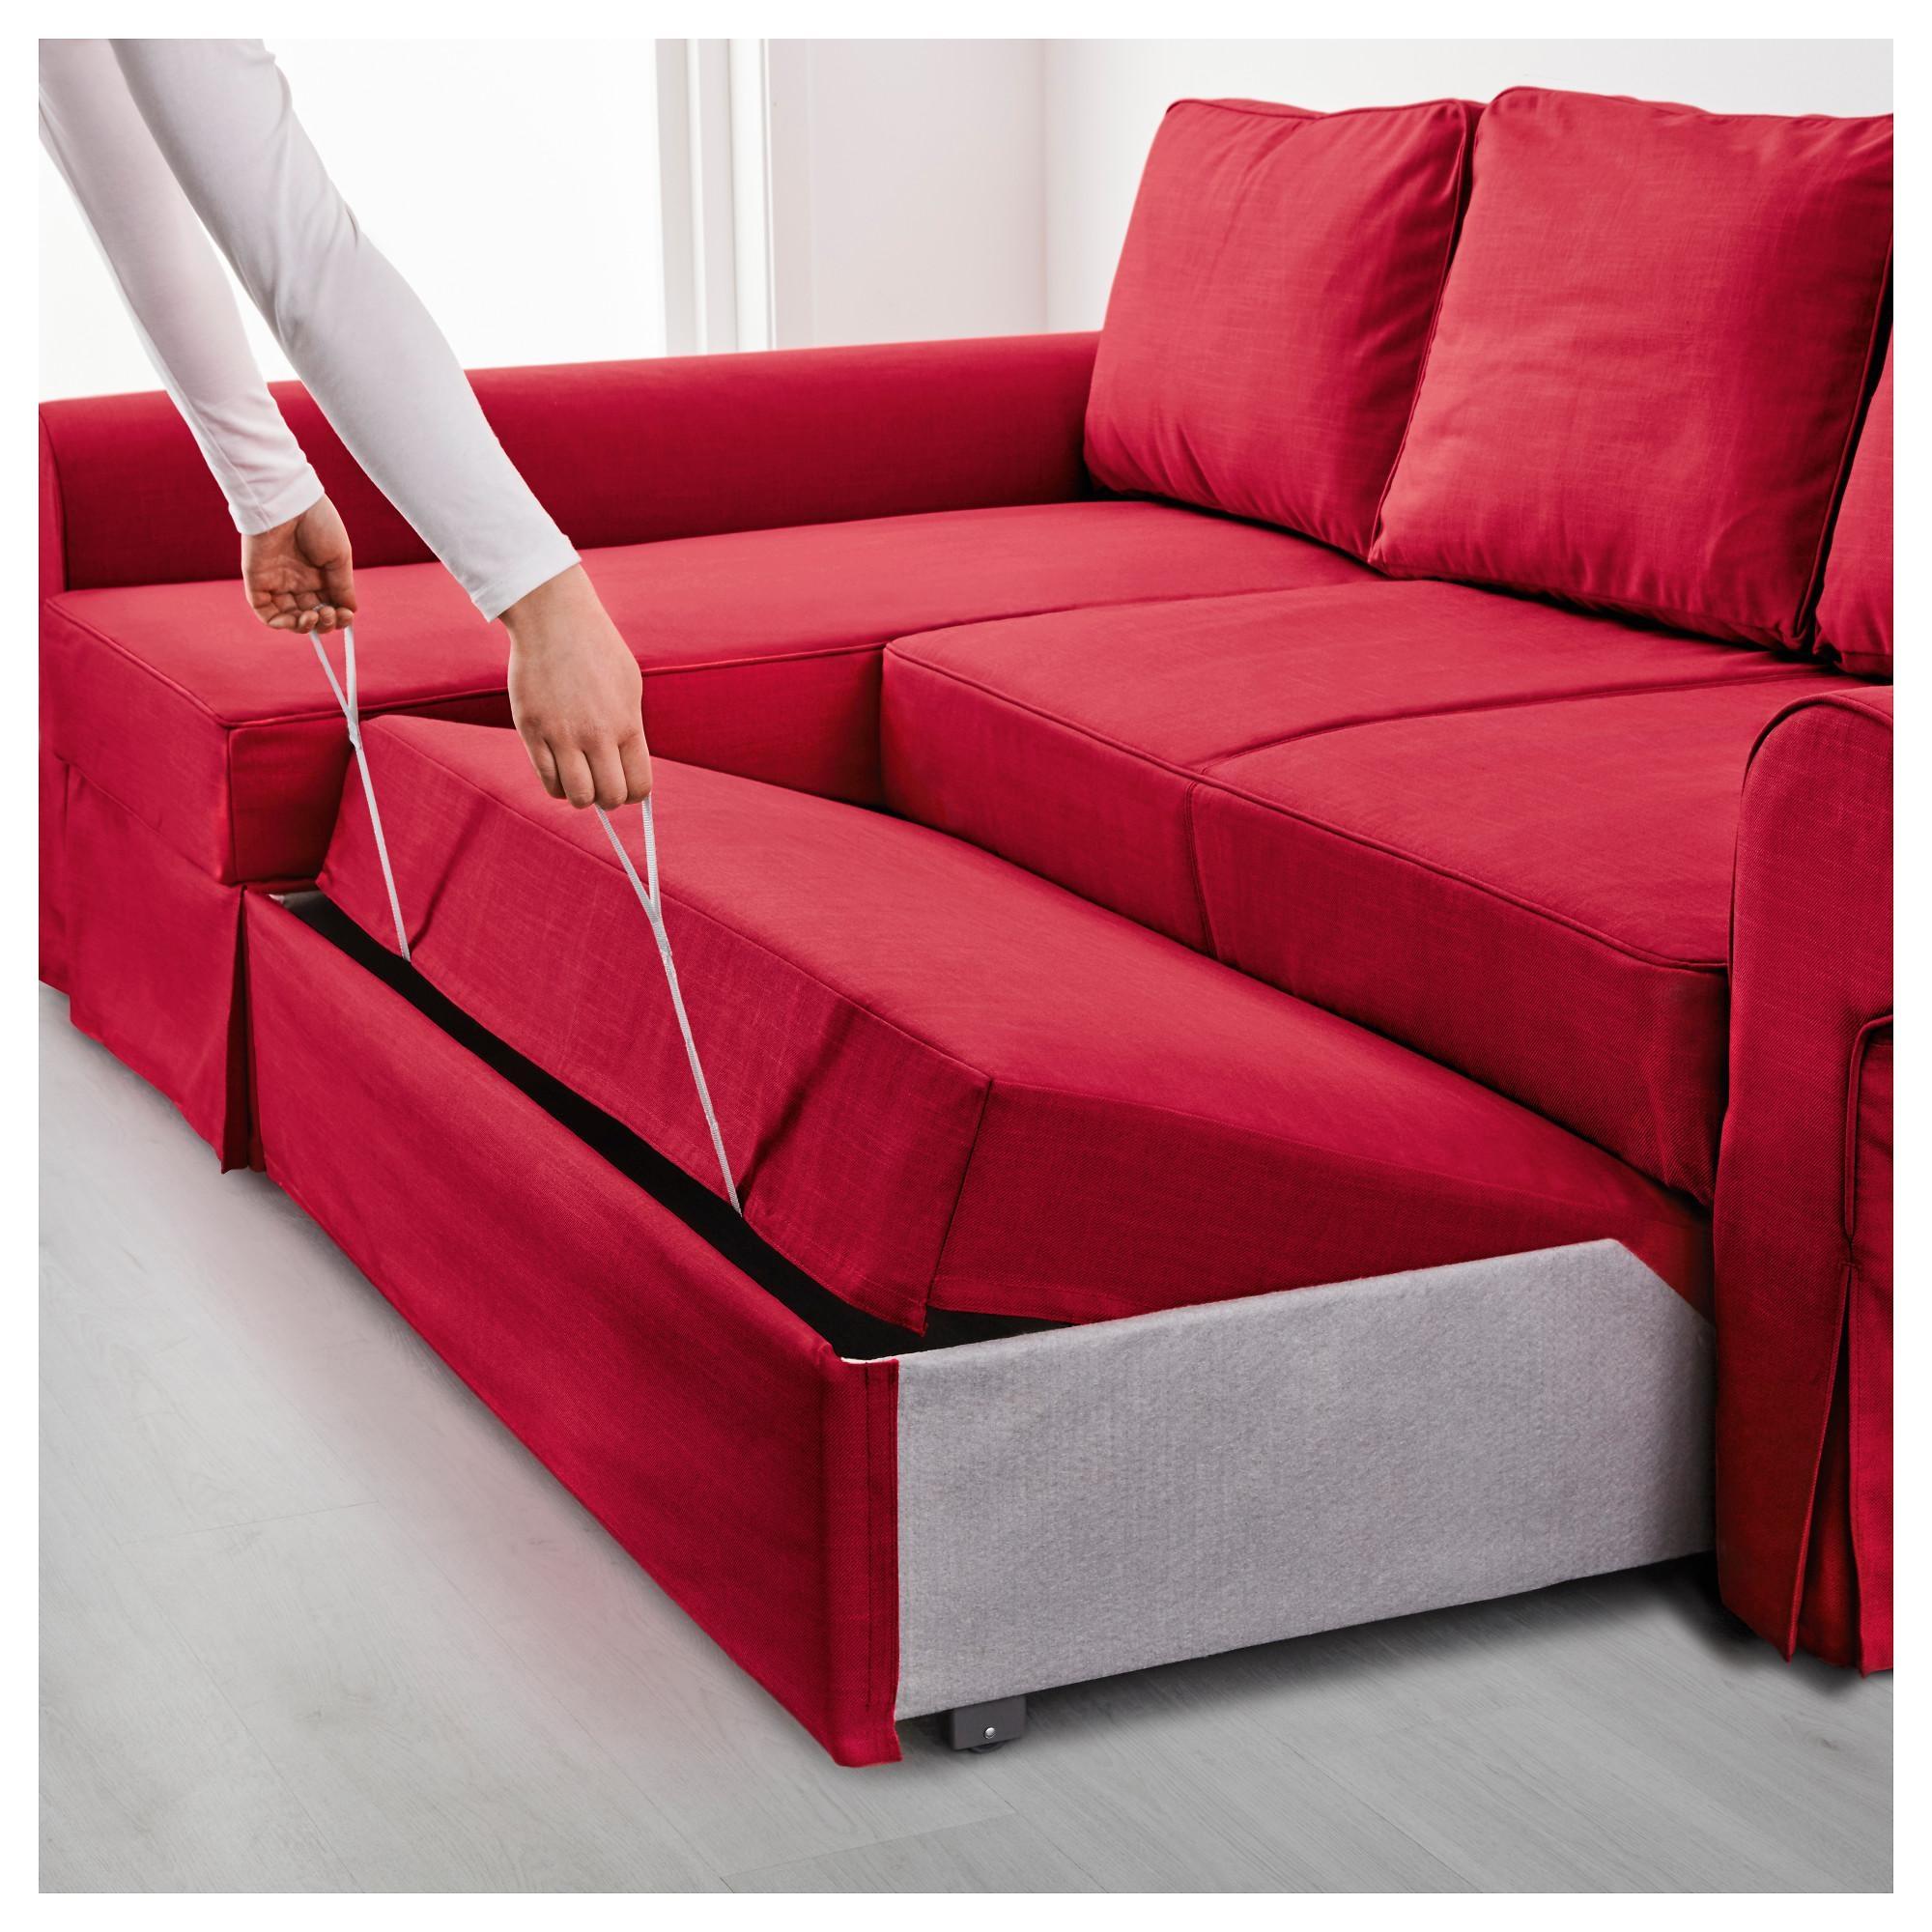 Backabro Sofa Bed With Chaise Longue Nordvalla Red – Ikea Pertaining To Chaise Longue Sofa Beds (View 7 of 20)